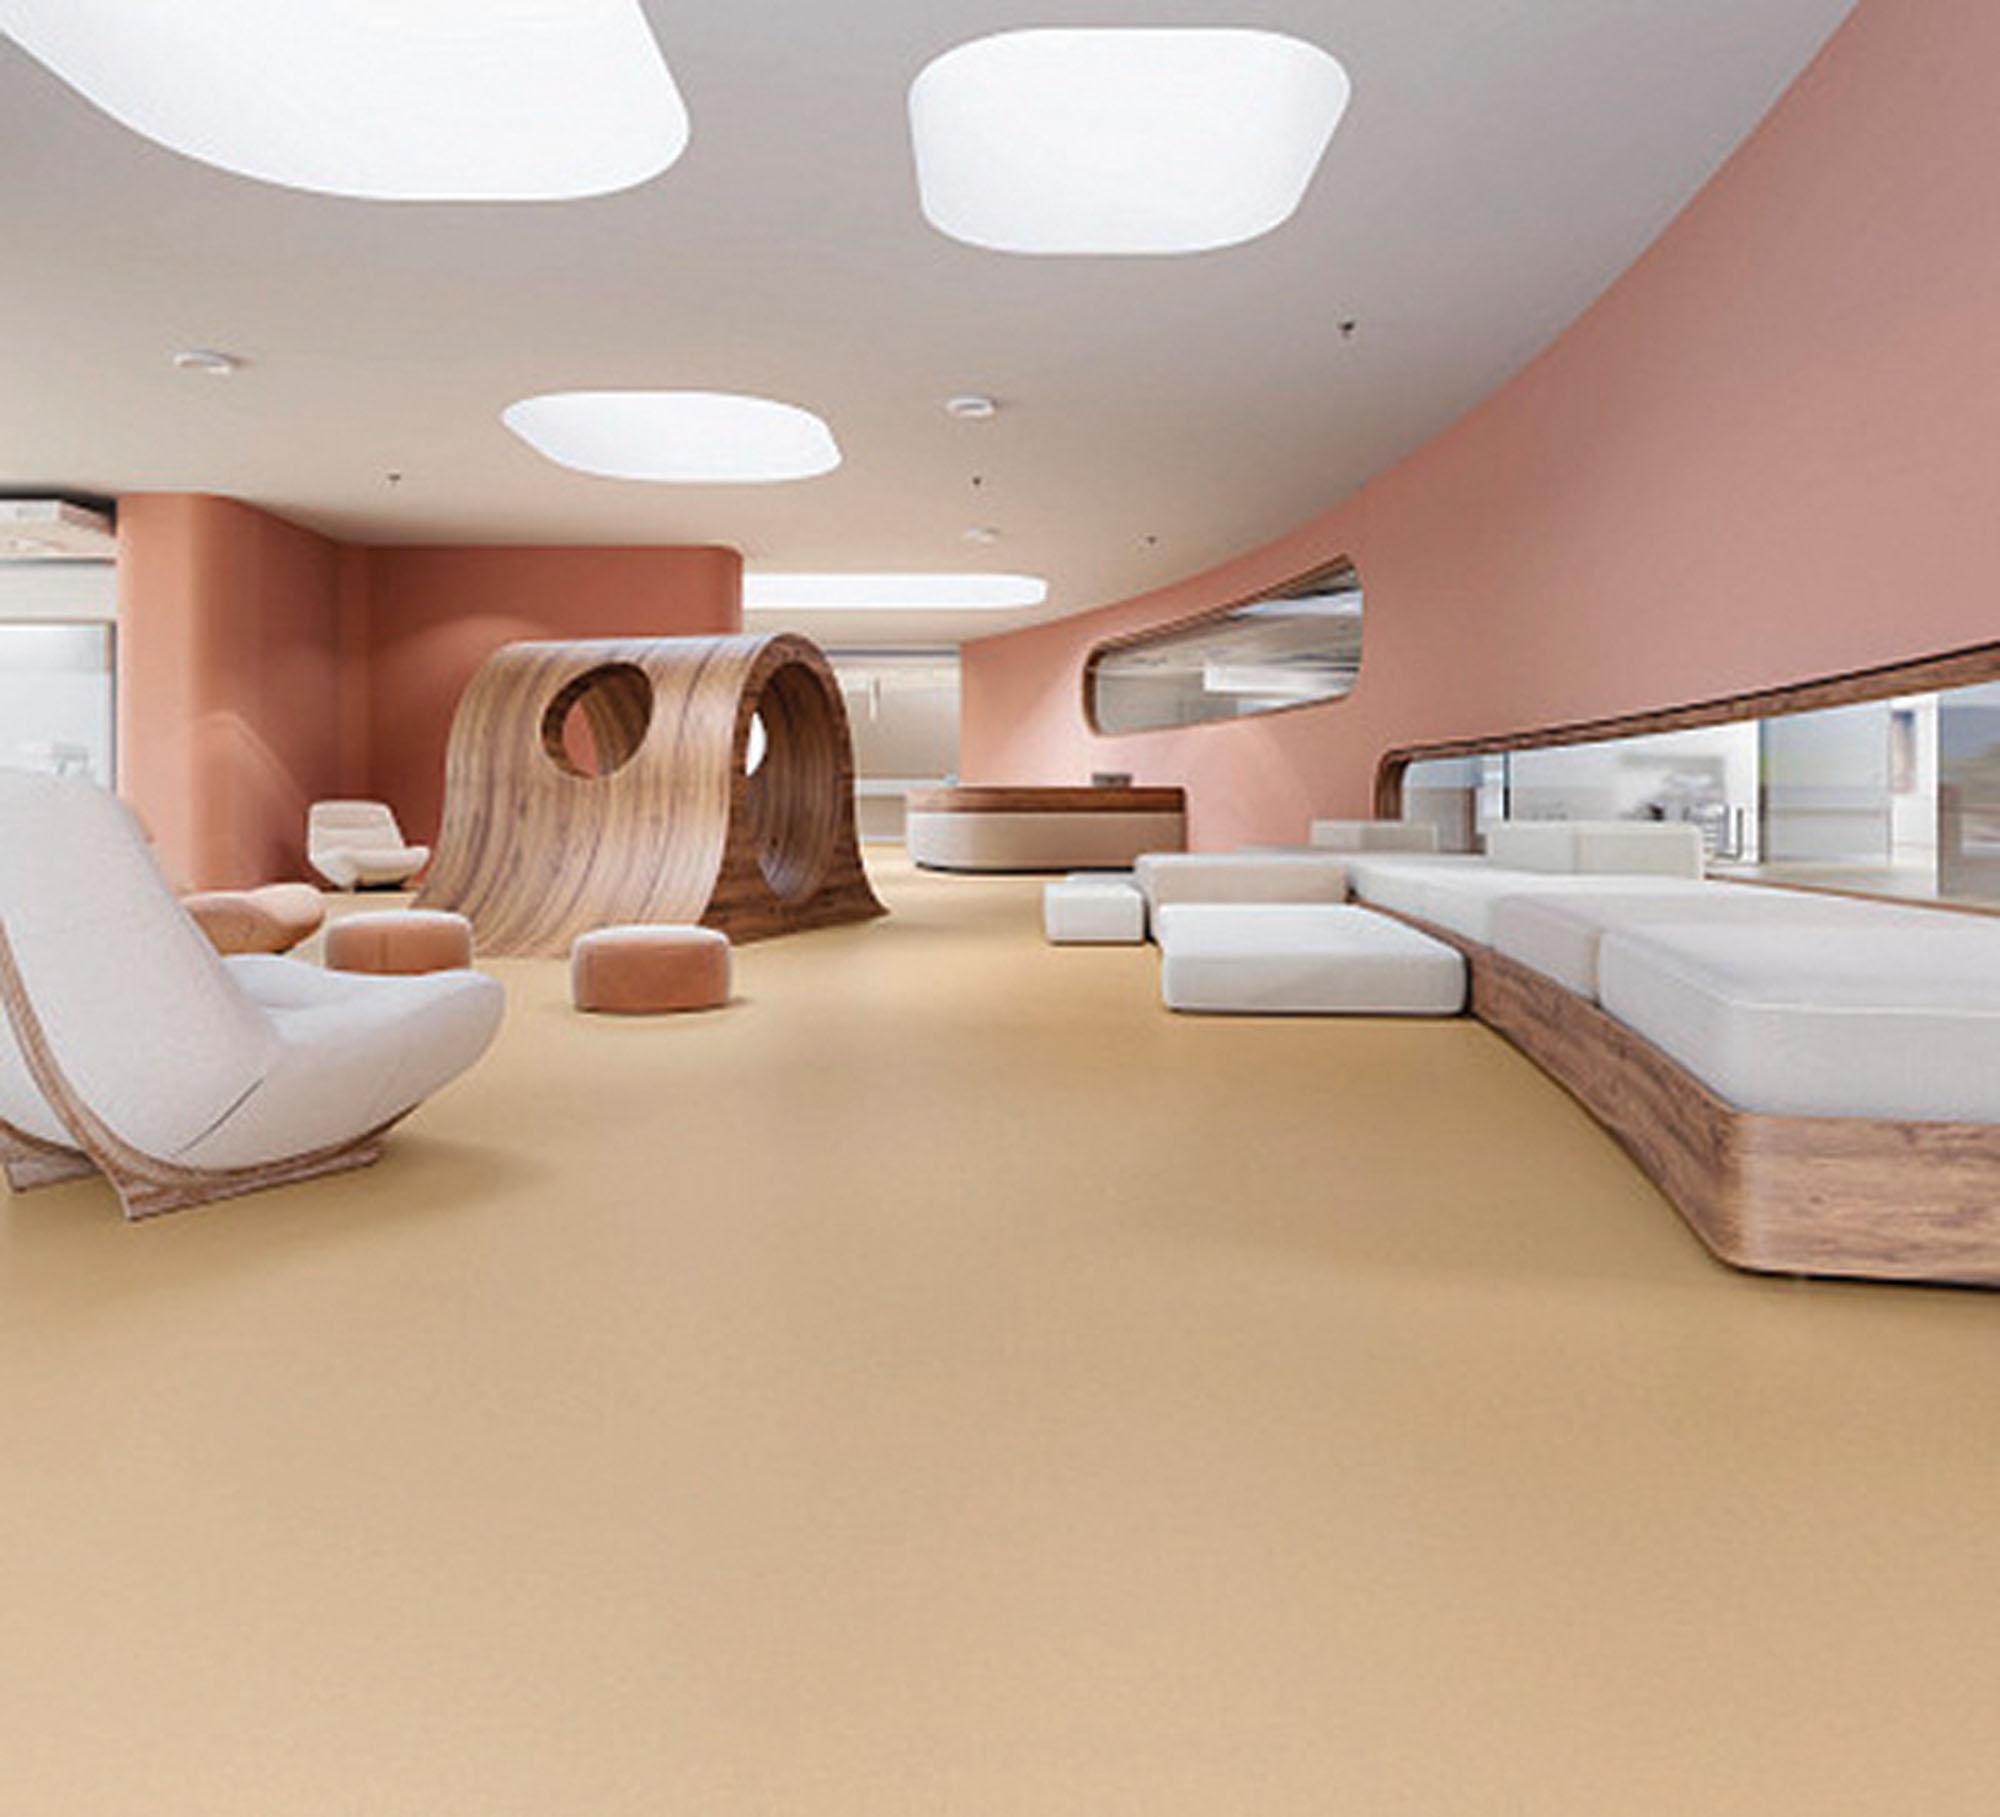 A pink room with linoleum floor